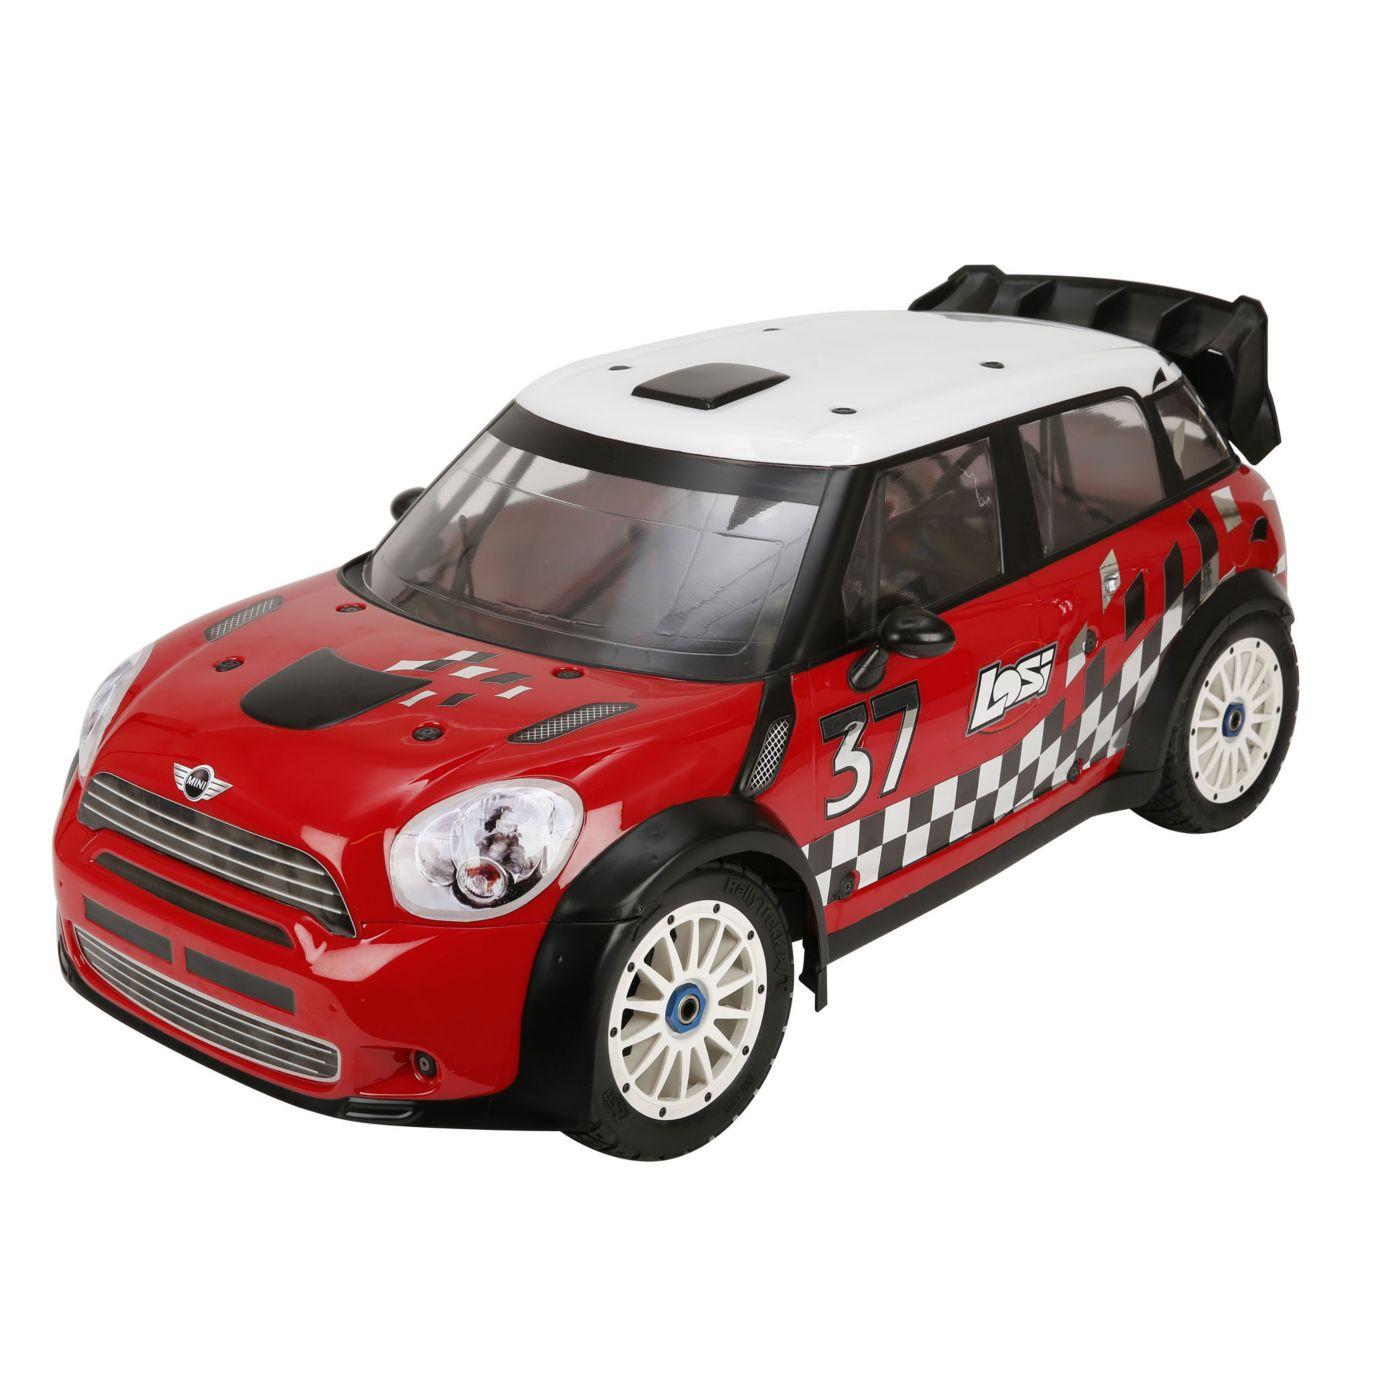 Team Losi Радиоуправляемая машина Ралли 1/5 4x4 - MINI WRC RTR (С системой стабилизации AVC)